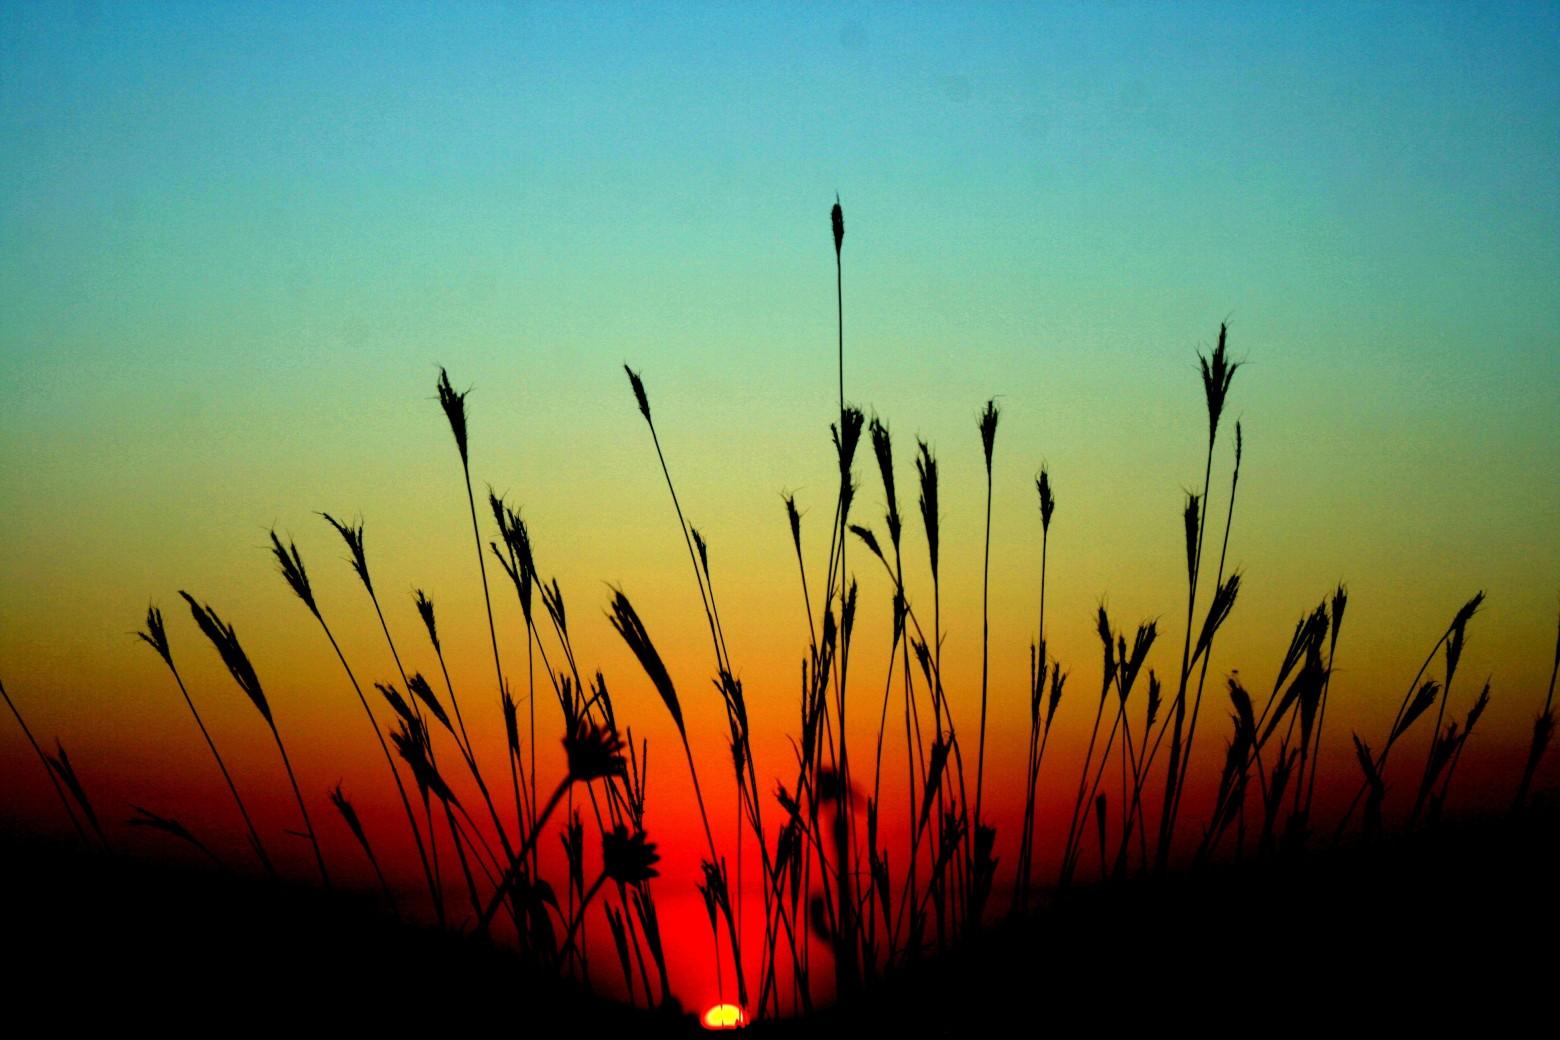 Exceptionnel sunset, paysage, coucher de soleil, fond d' écran, image hd  SI91